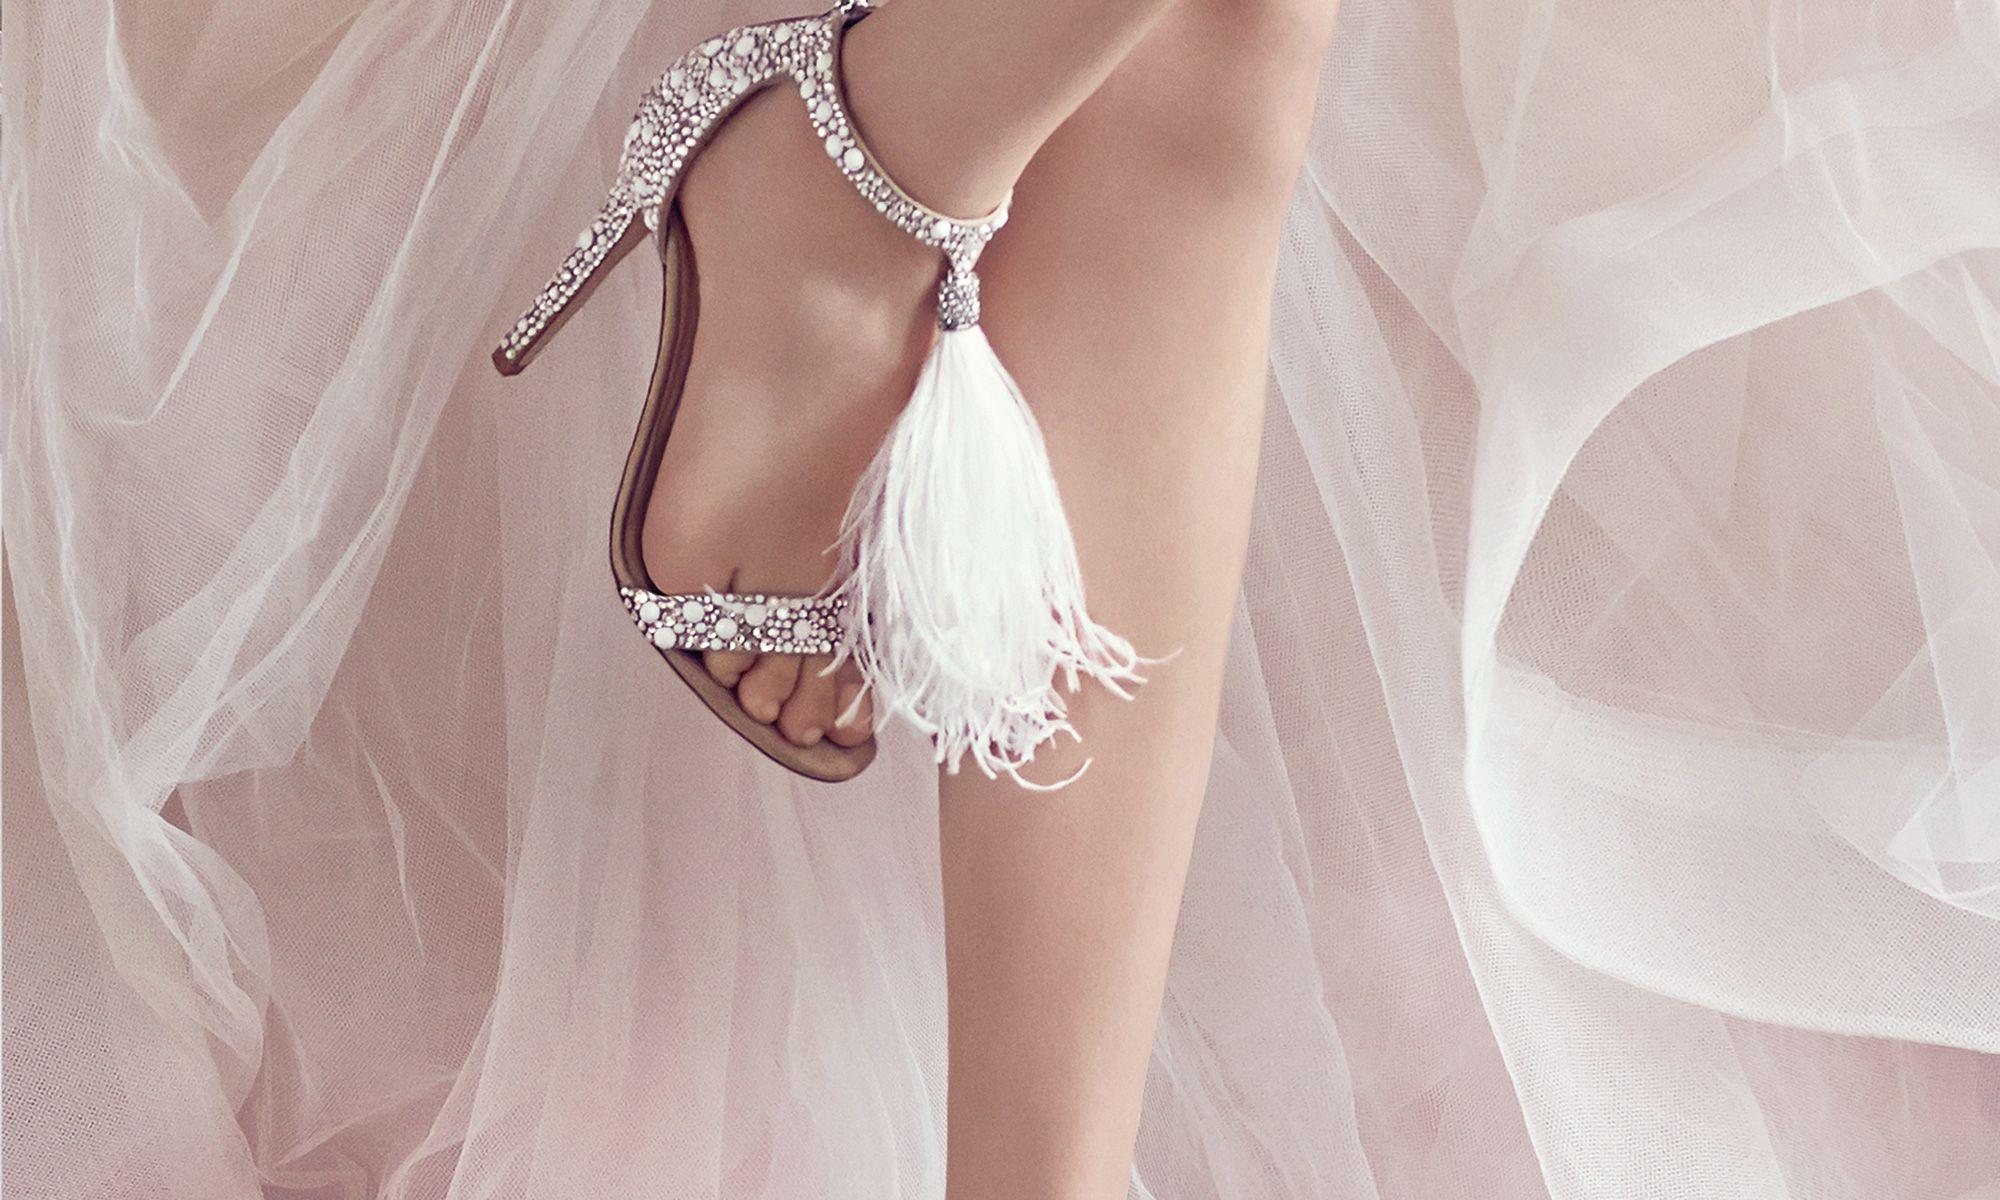 Top 9 Wedding-Worthy Heels for The Bride